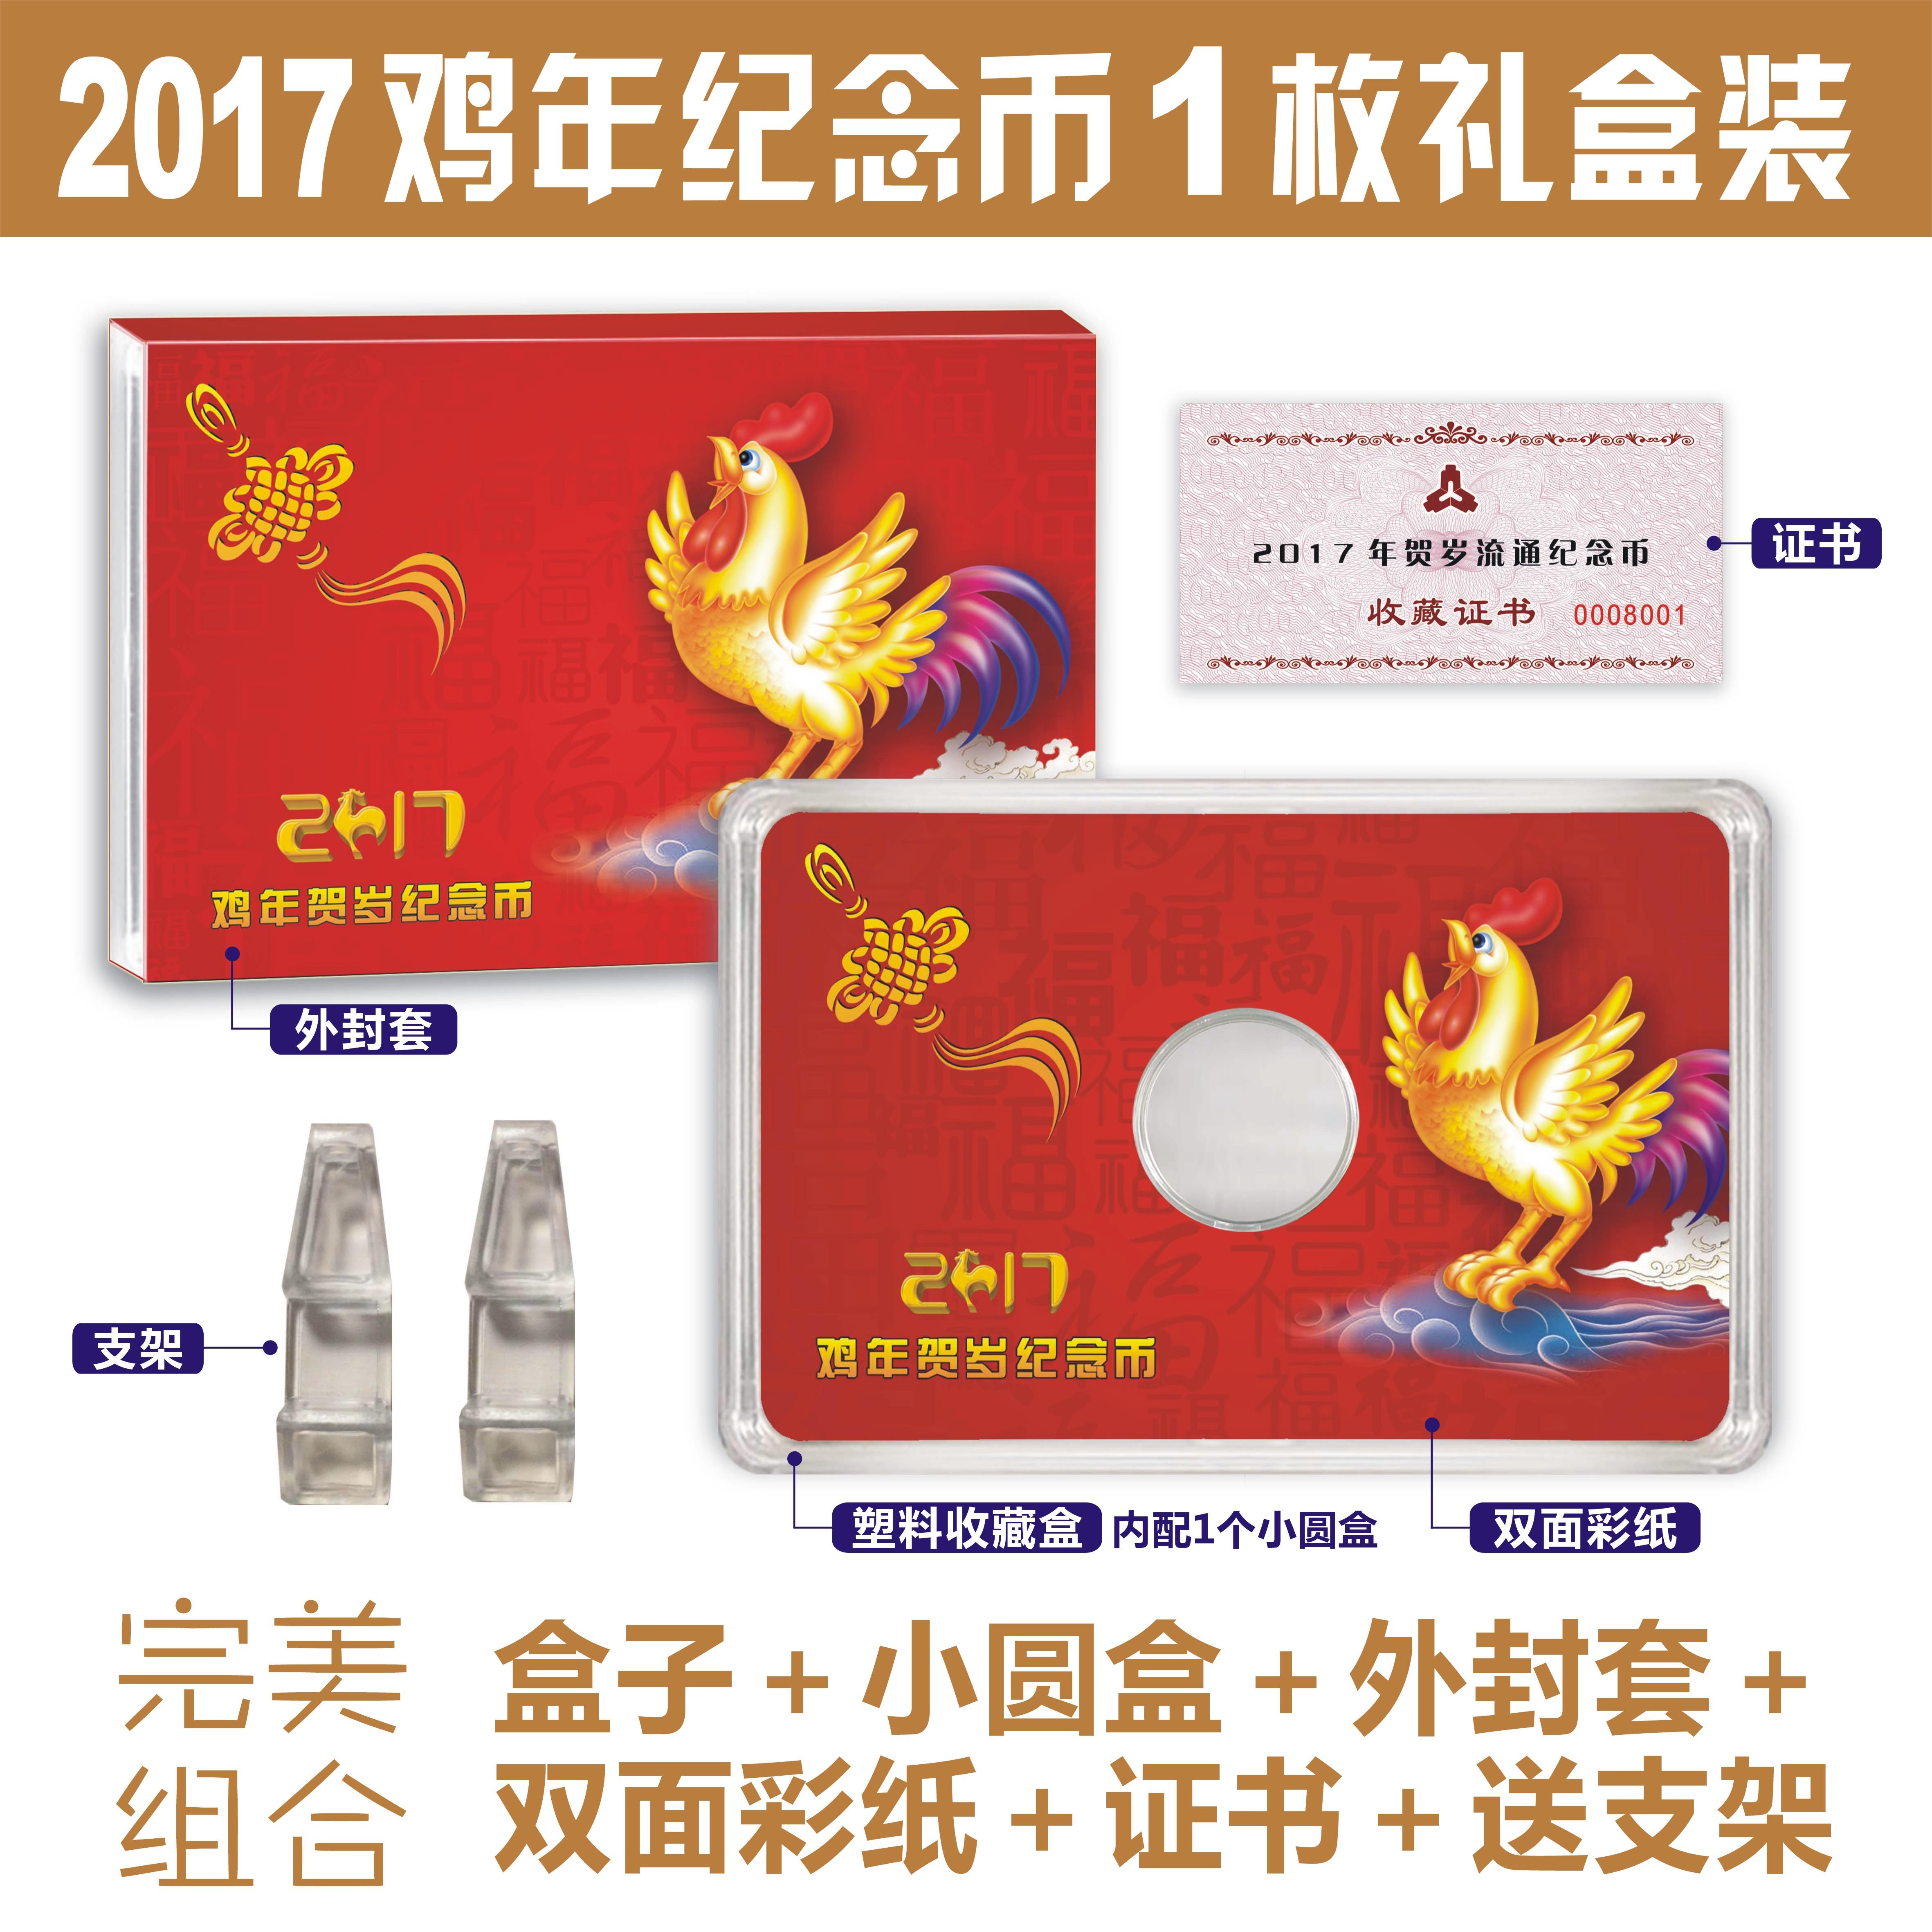 空盒鸡年2017年二鸡1枚装一枚装纪念币保护盒生肖10元27mm小圆盒